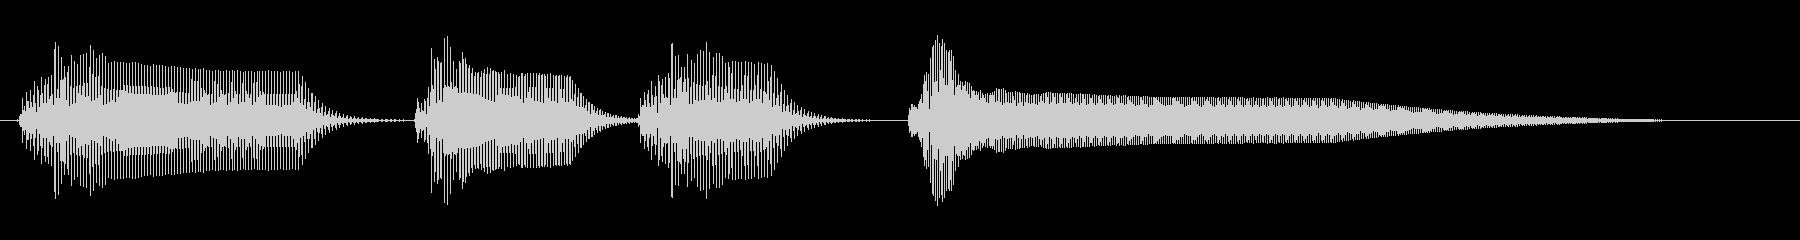 プープププーというラッパの音の未再生の波形